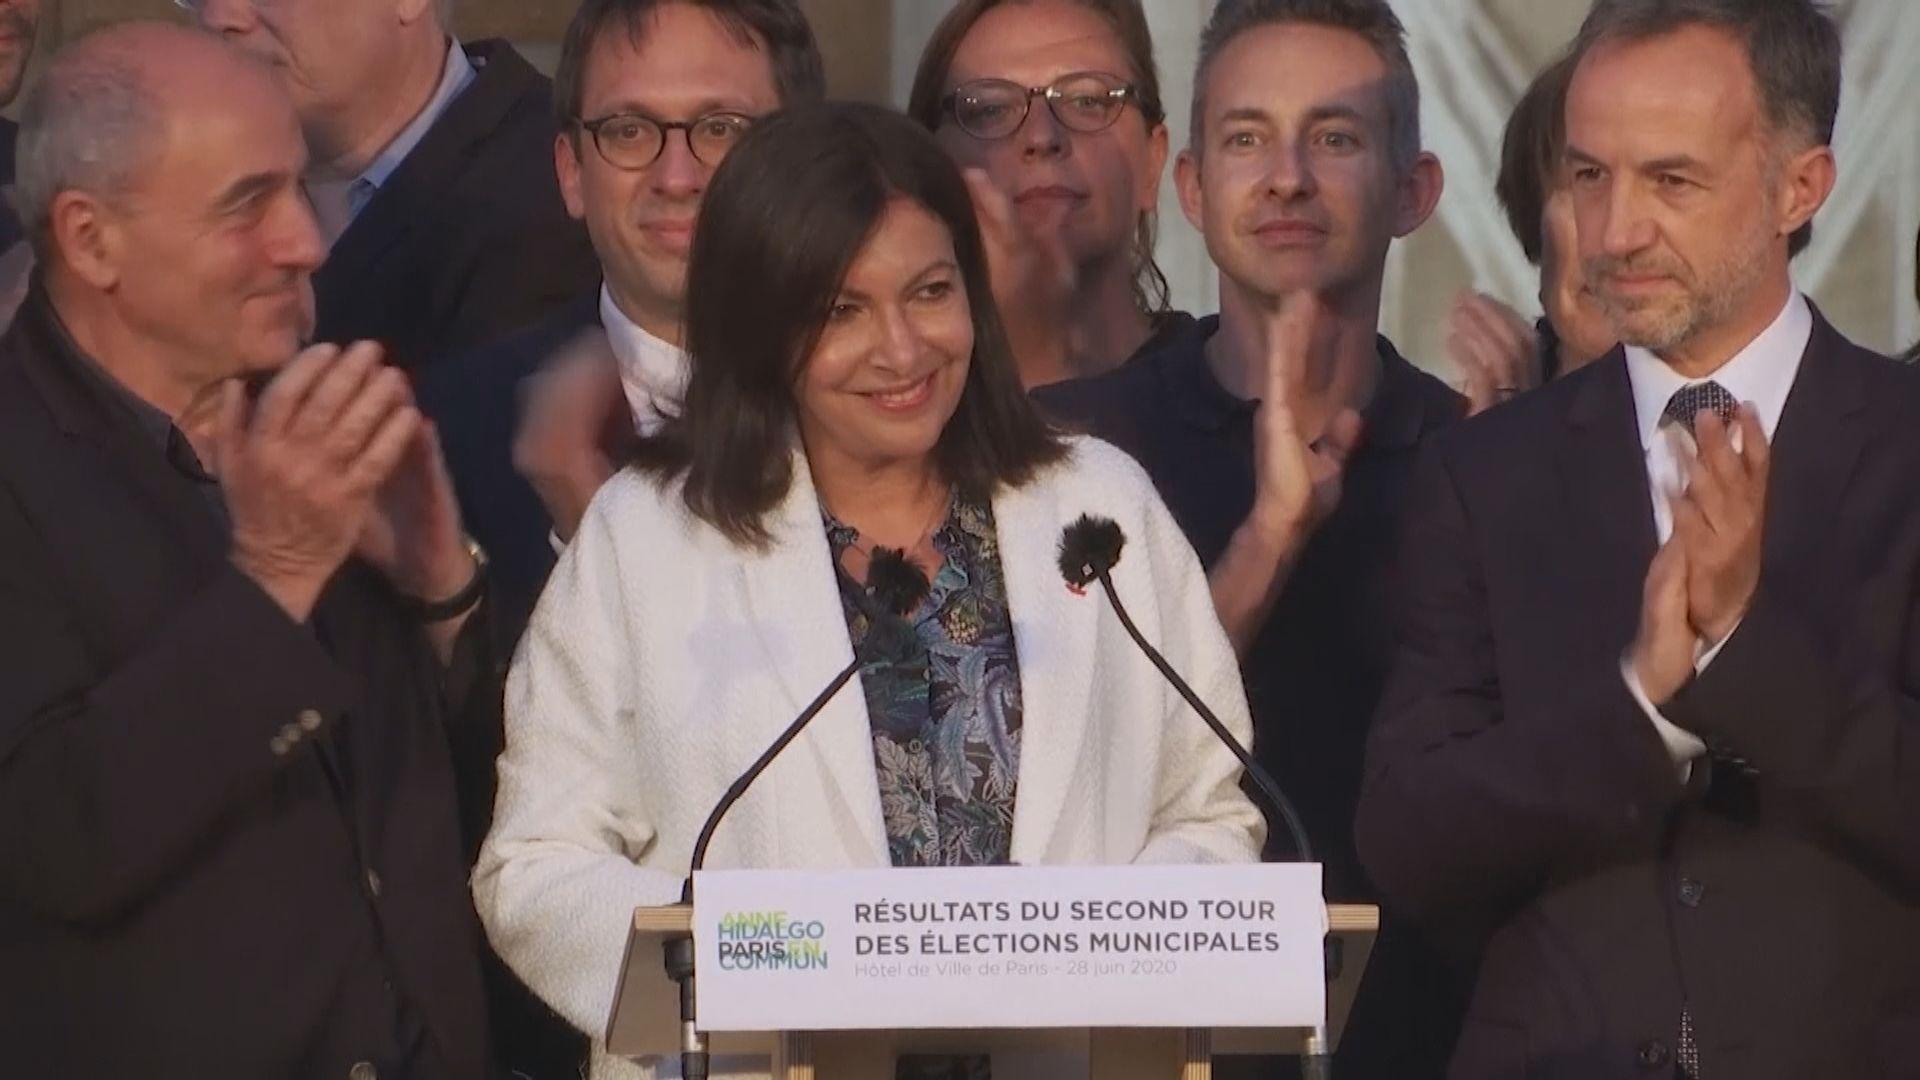 【環球薈報】巴黎市長伊達爾戈宣布參選法國總統